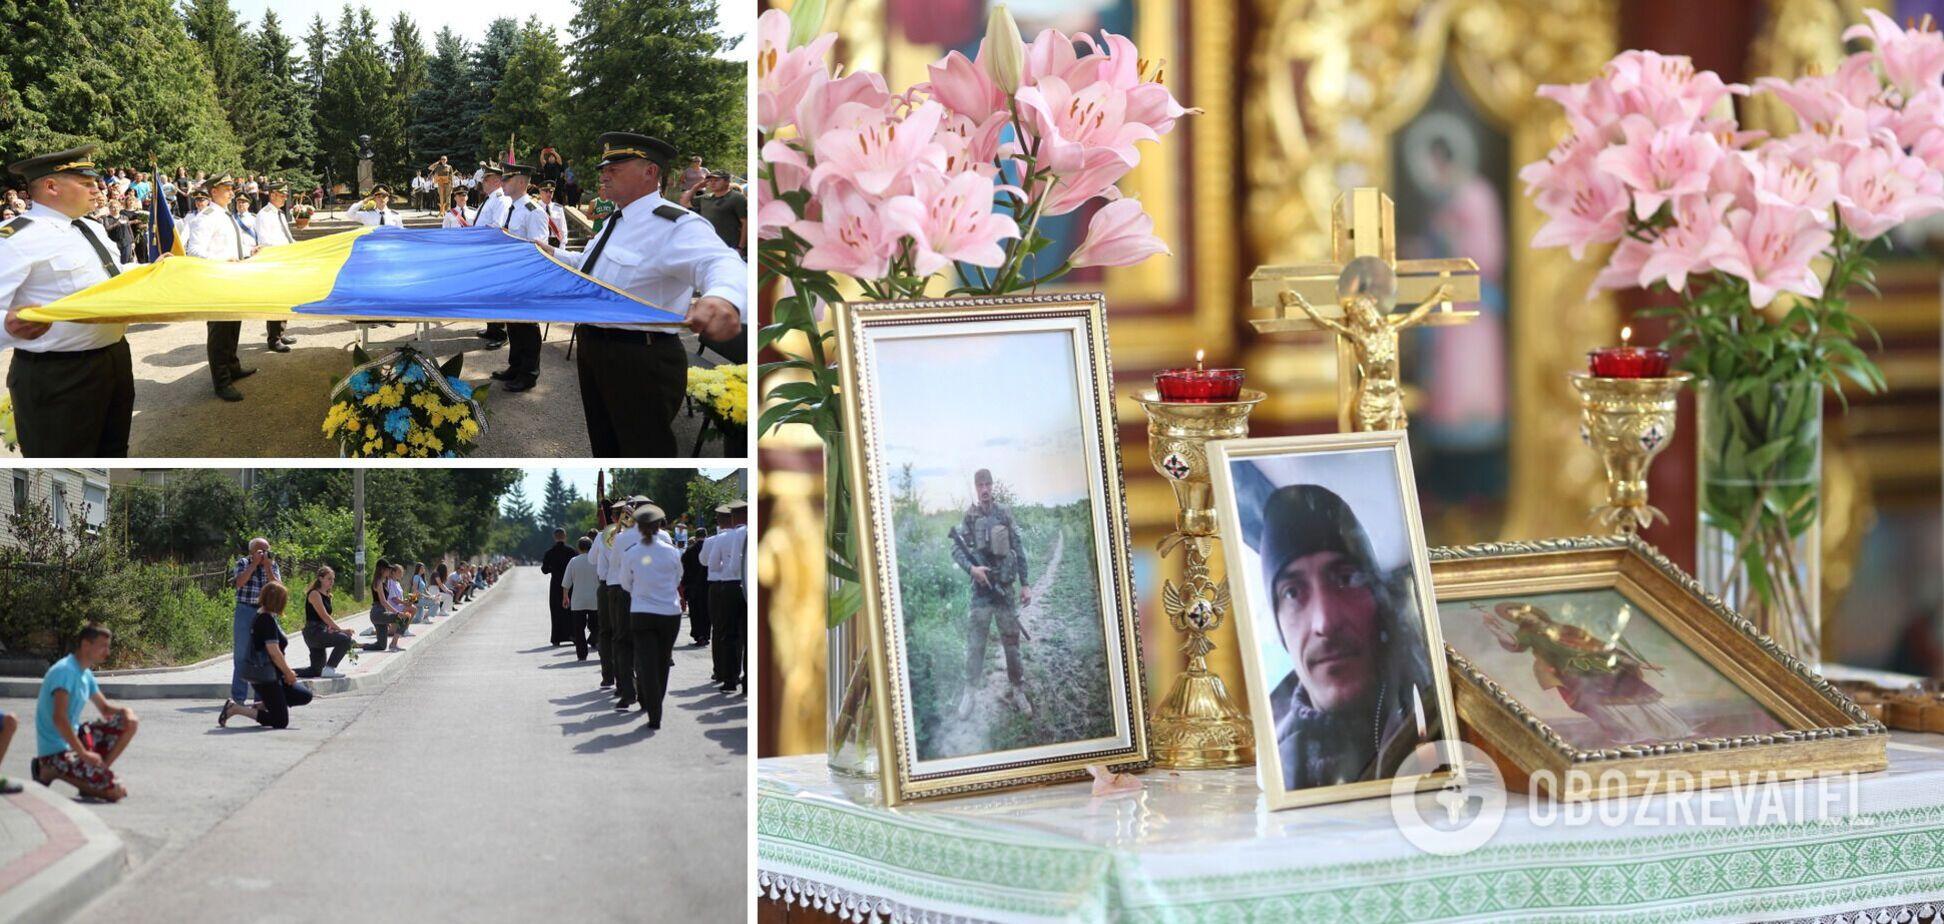 Жители Тернопольщины на коленях попрощались с воином ВСУ, убитым снайпером на Донбассе. Фото и видео